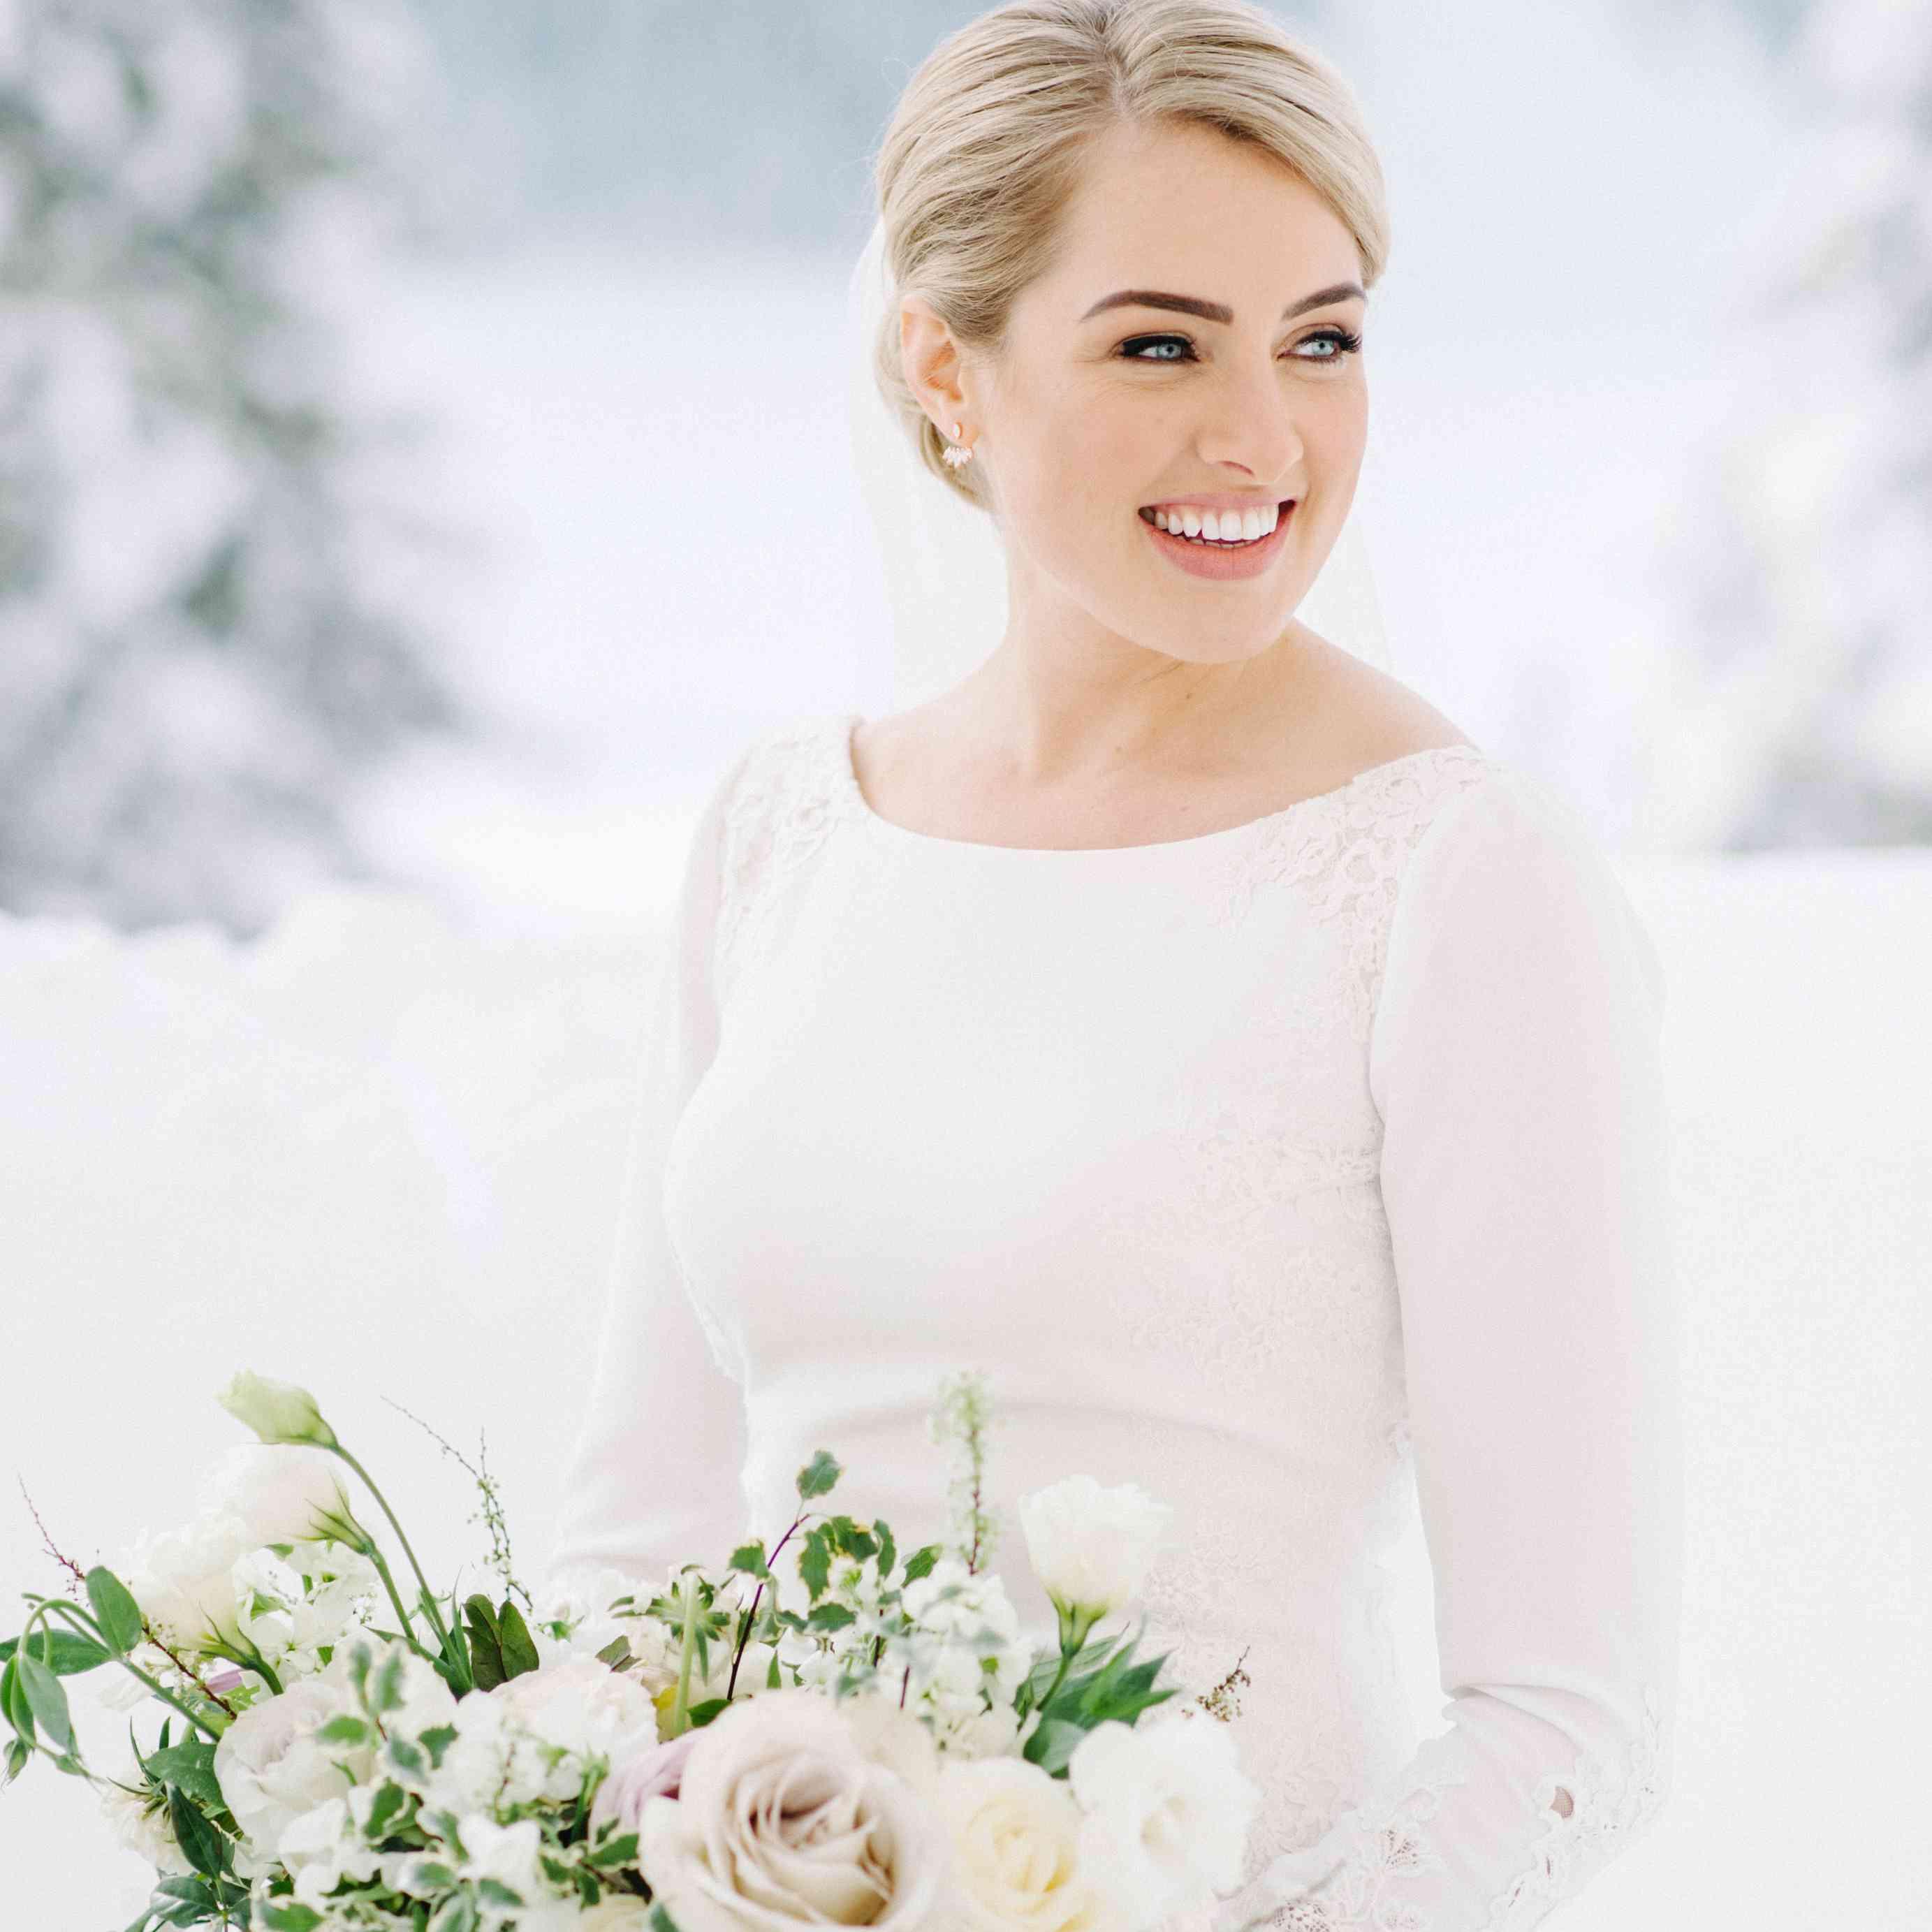 bride beauty shot